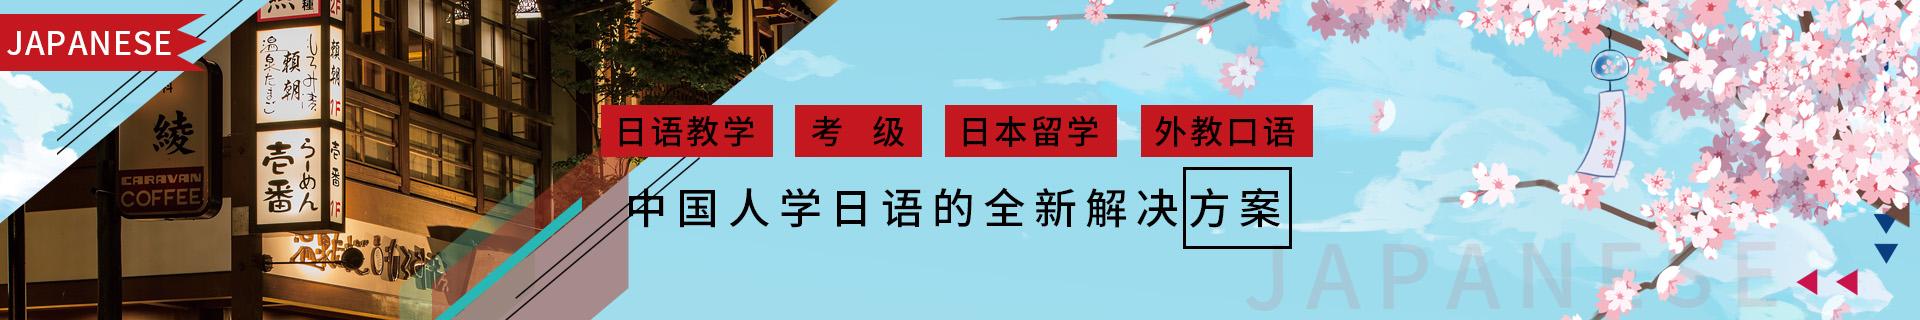 宁波海曙区樱花国际日语天一中心